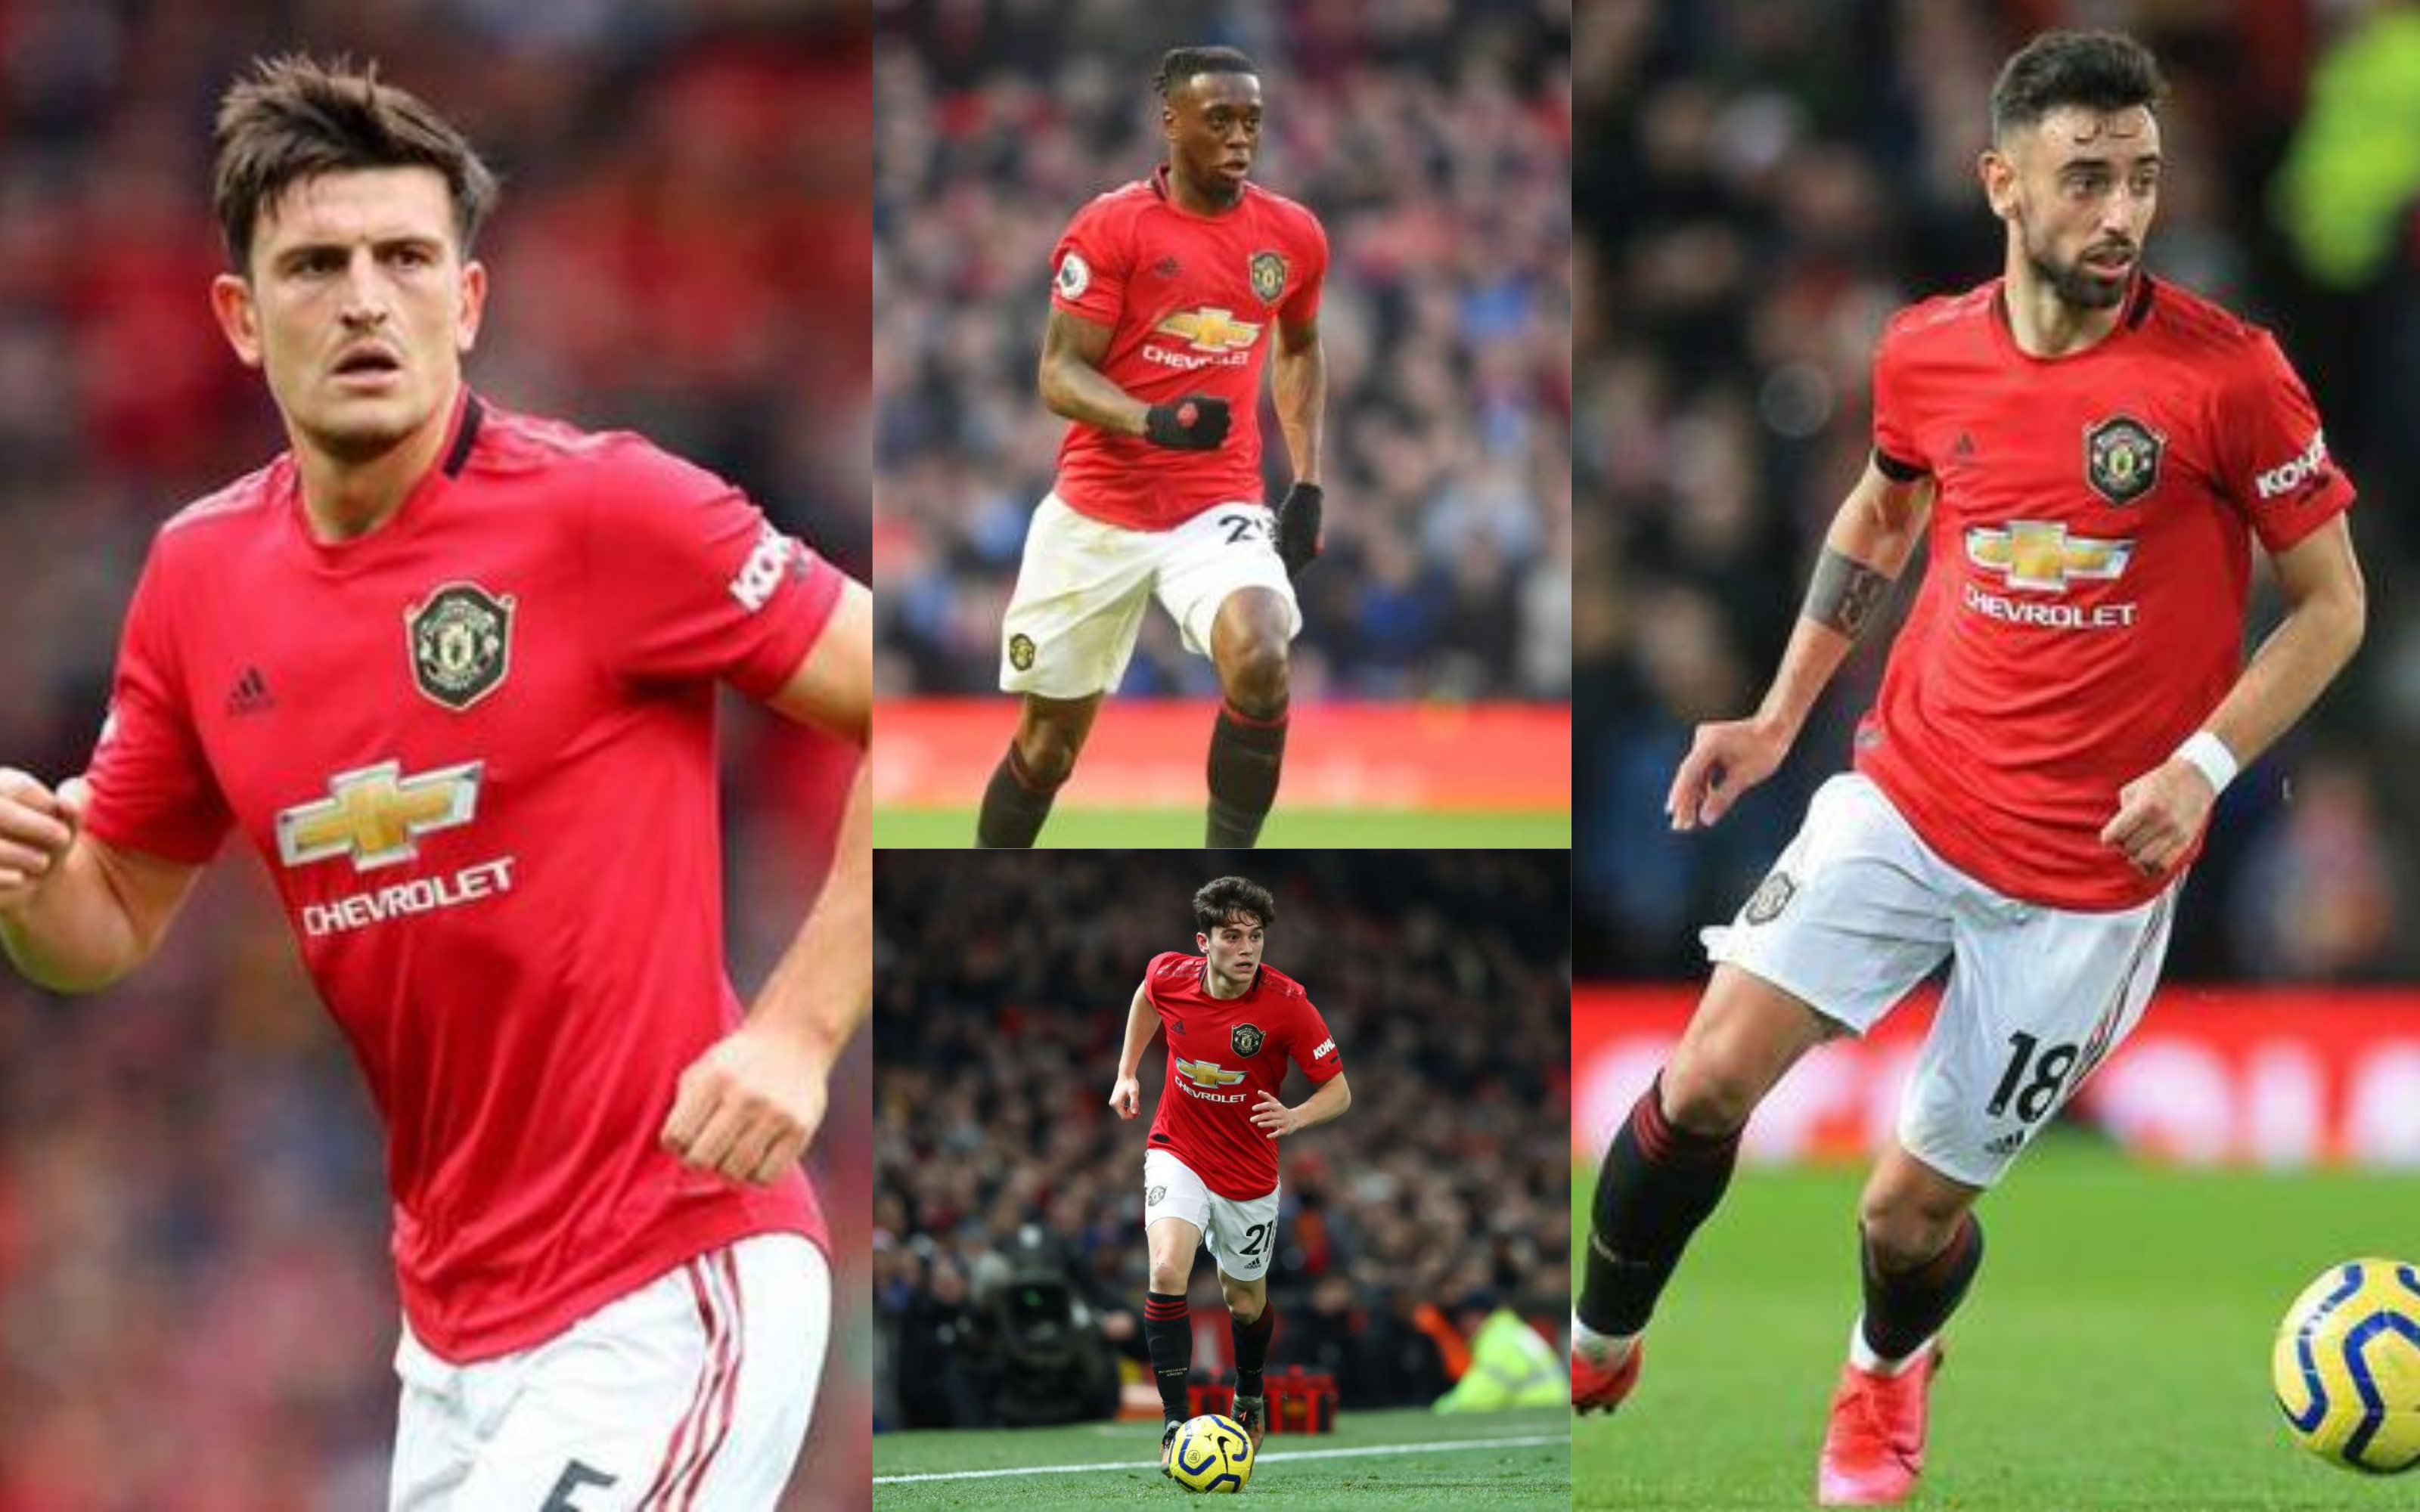 2.0le: Atualização de software necessária do Manchester United 2